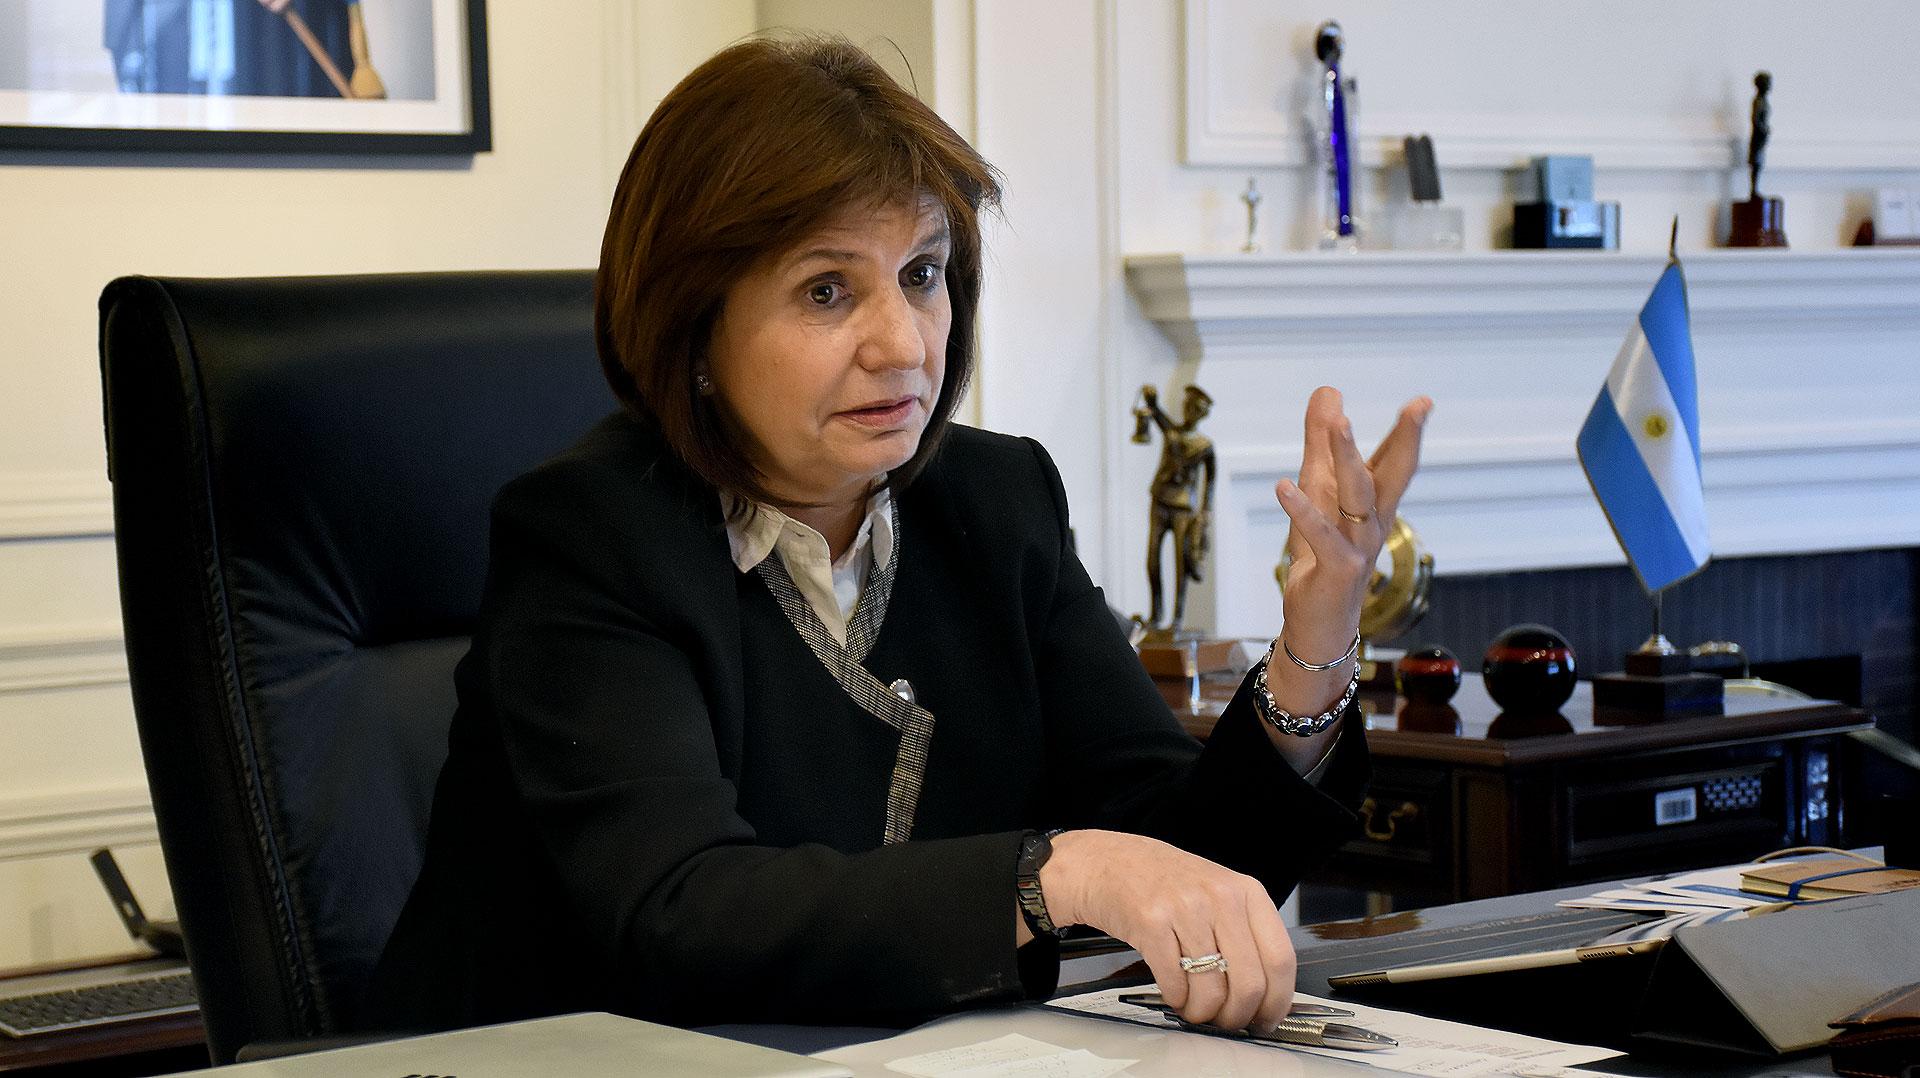 La ministra de Seguridad de la Nación, Patricia Bullrich (Foto: Nicolás Stulberg)